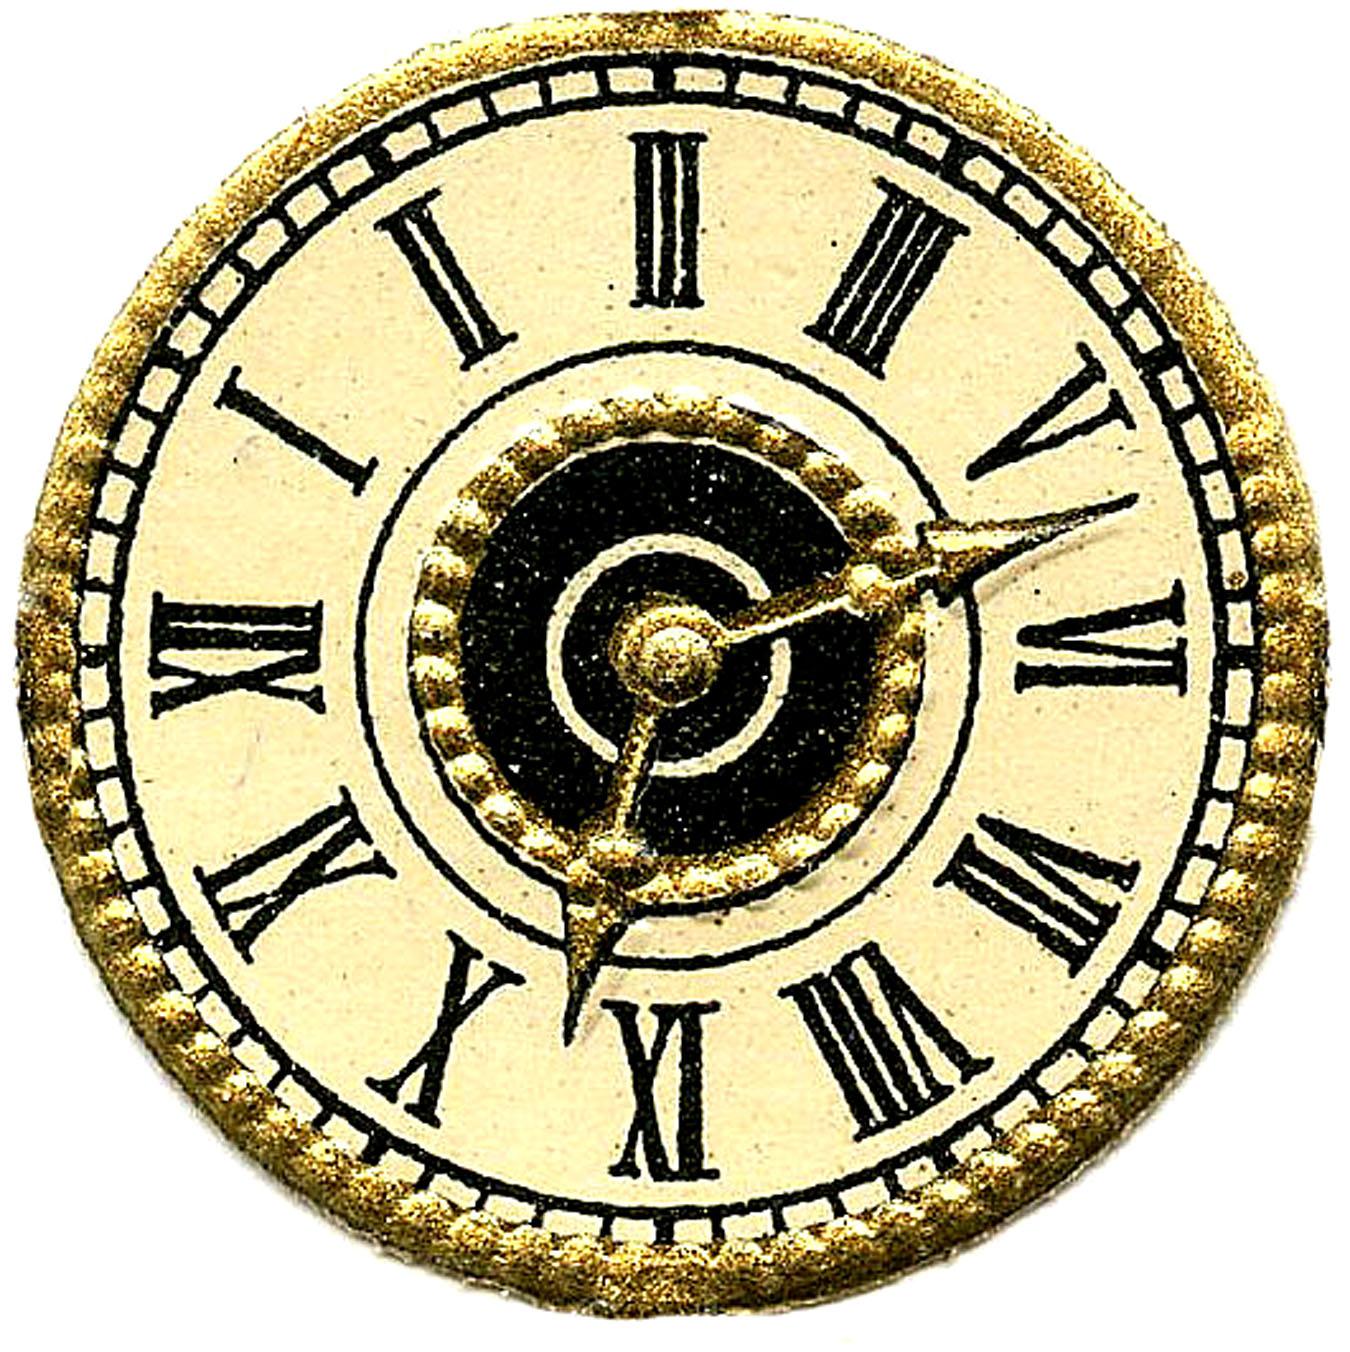 Printable Vintage Clock Faces - ClipArt Best